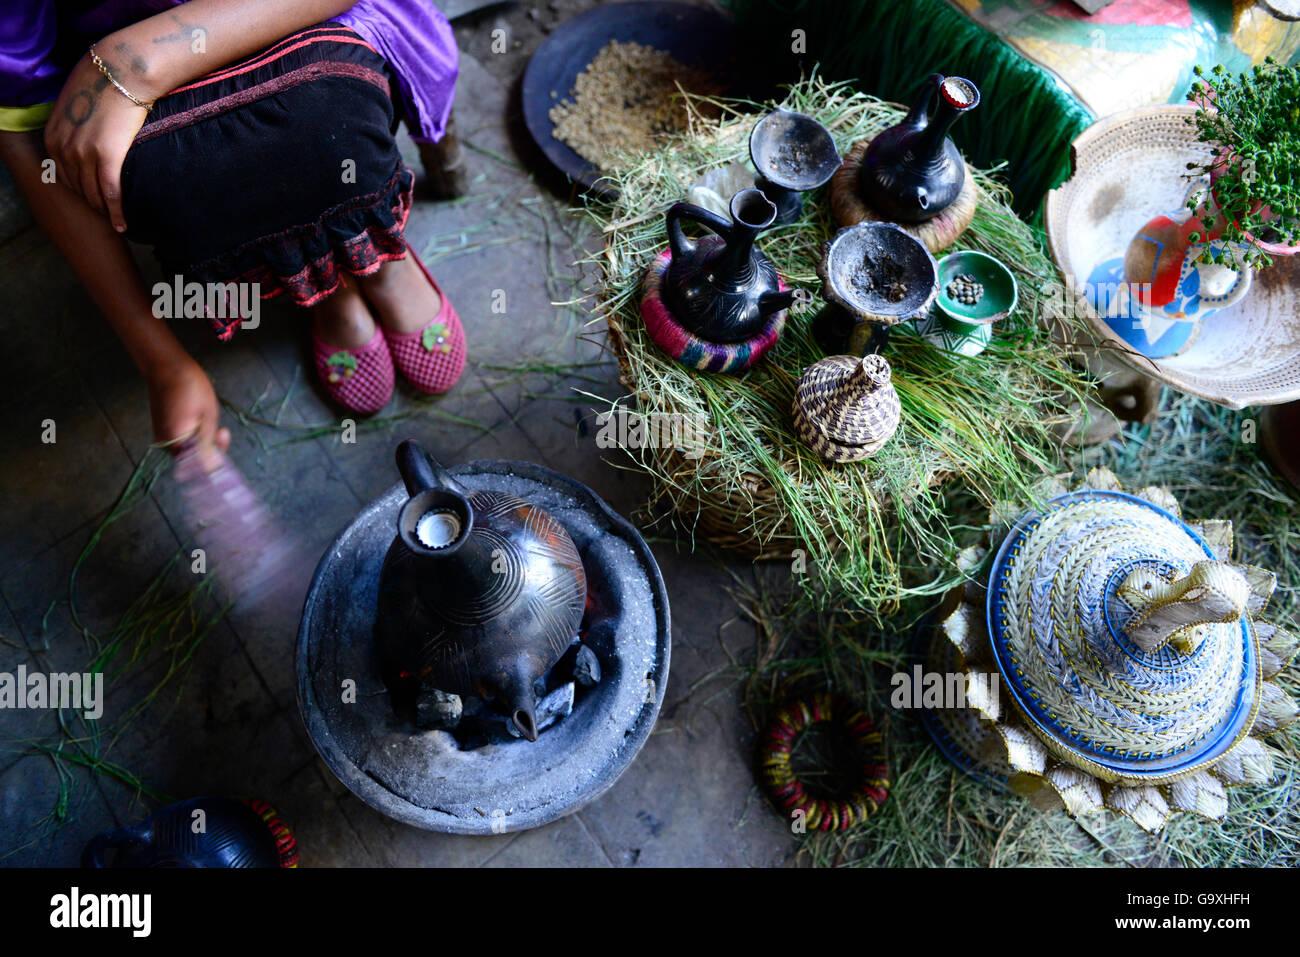 Mujer preparando tradicional café de Etiopía. Lalibela. Etiopía, diciembre de 2014. Imagen De Stock